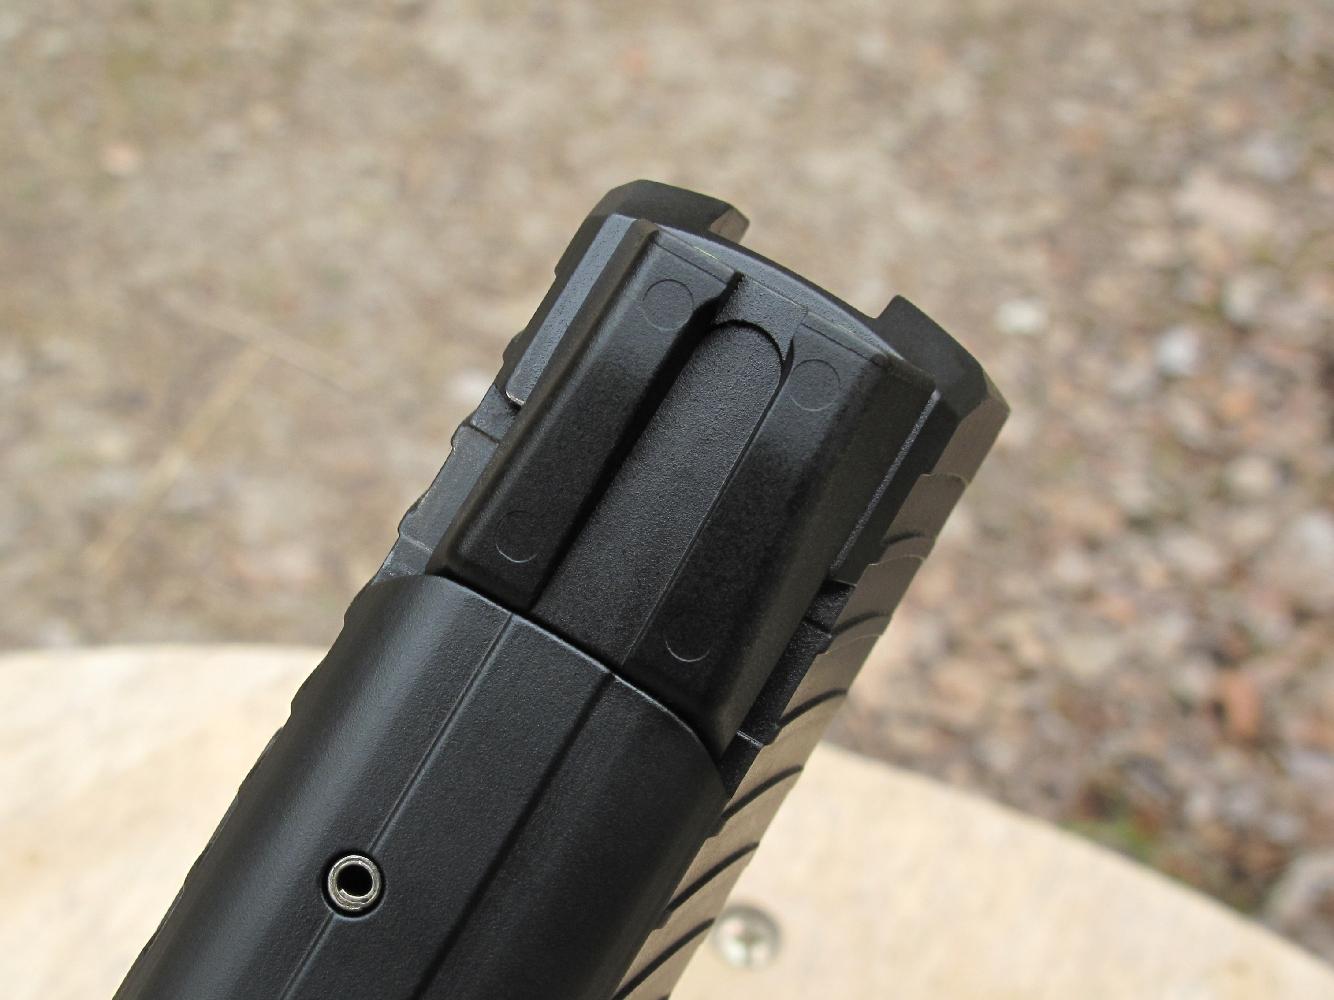 La hausse de ce pistolet HK P30 a été déplacée vers la gauche d'environ 6/10 mm.